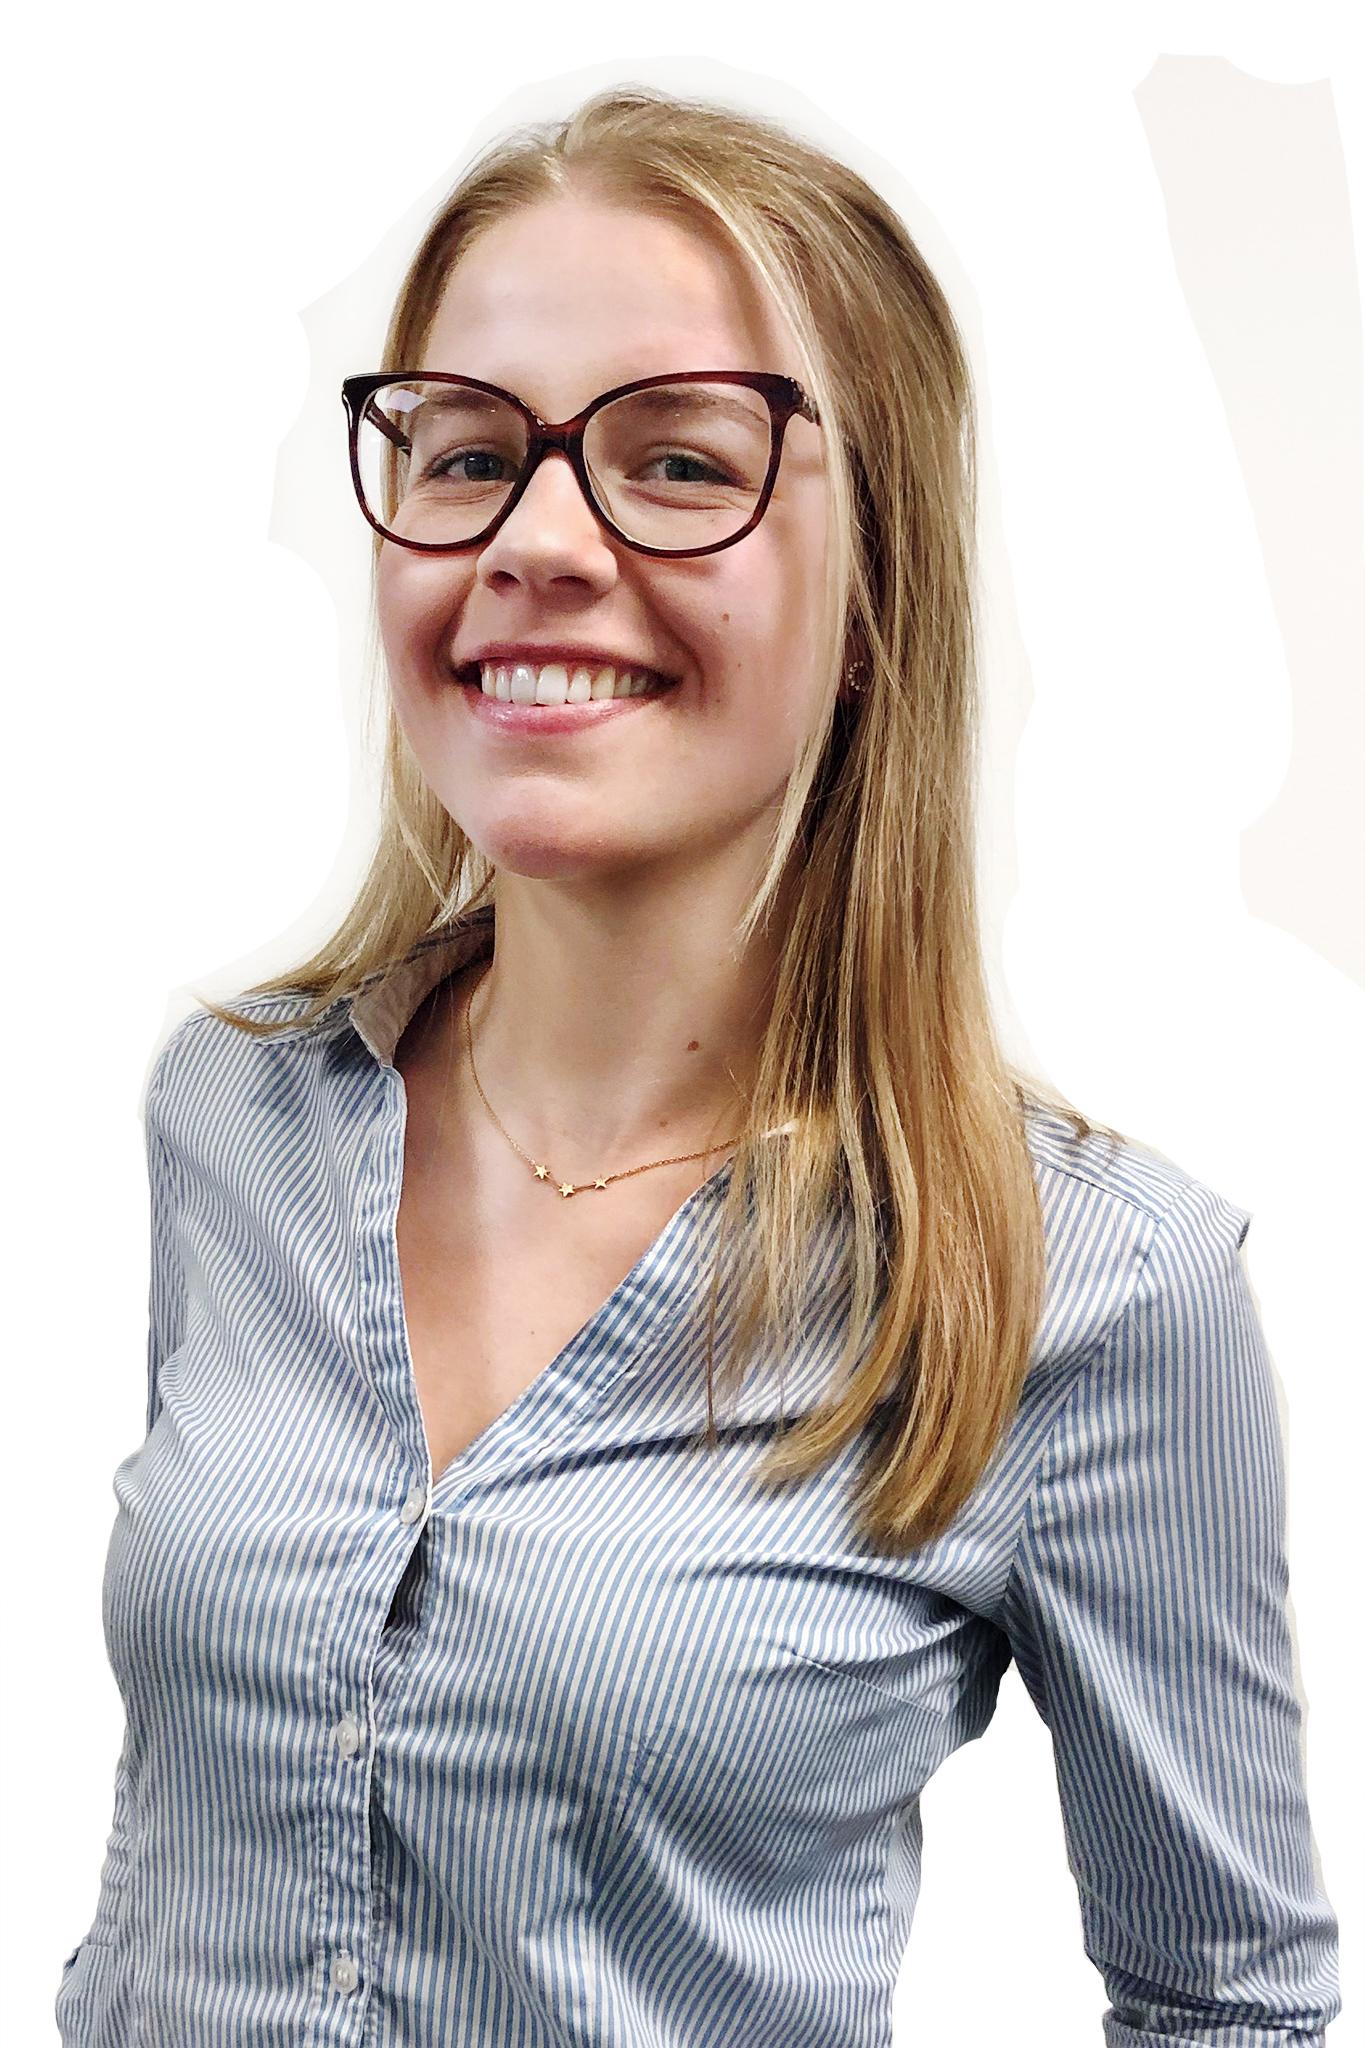 Josefine Ulrikz försäljningspraktikant LIA från Sälj & Marknadshögskolan